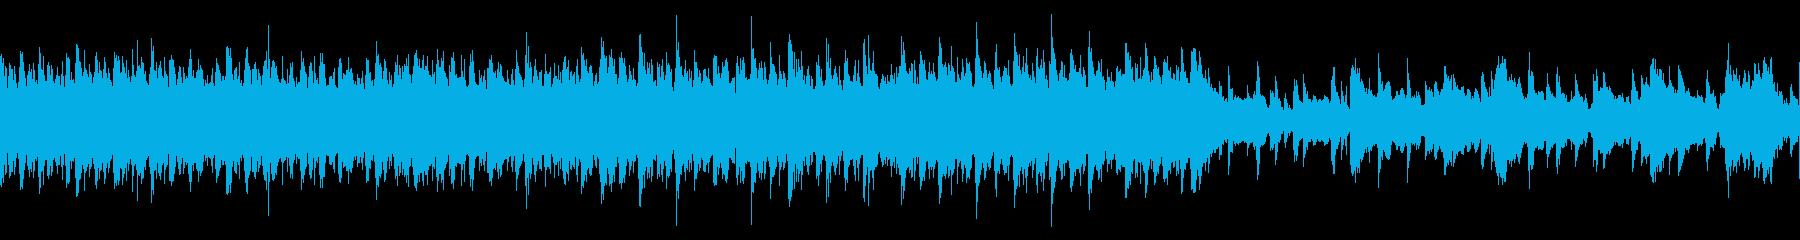 【和風】和楽器のみをによる荒々しい曲Cの再生済みの波形